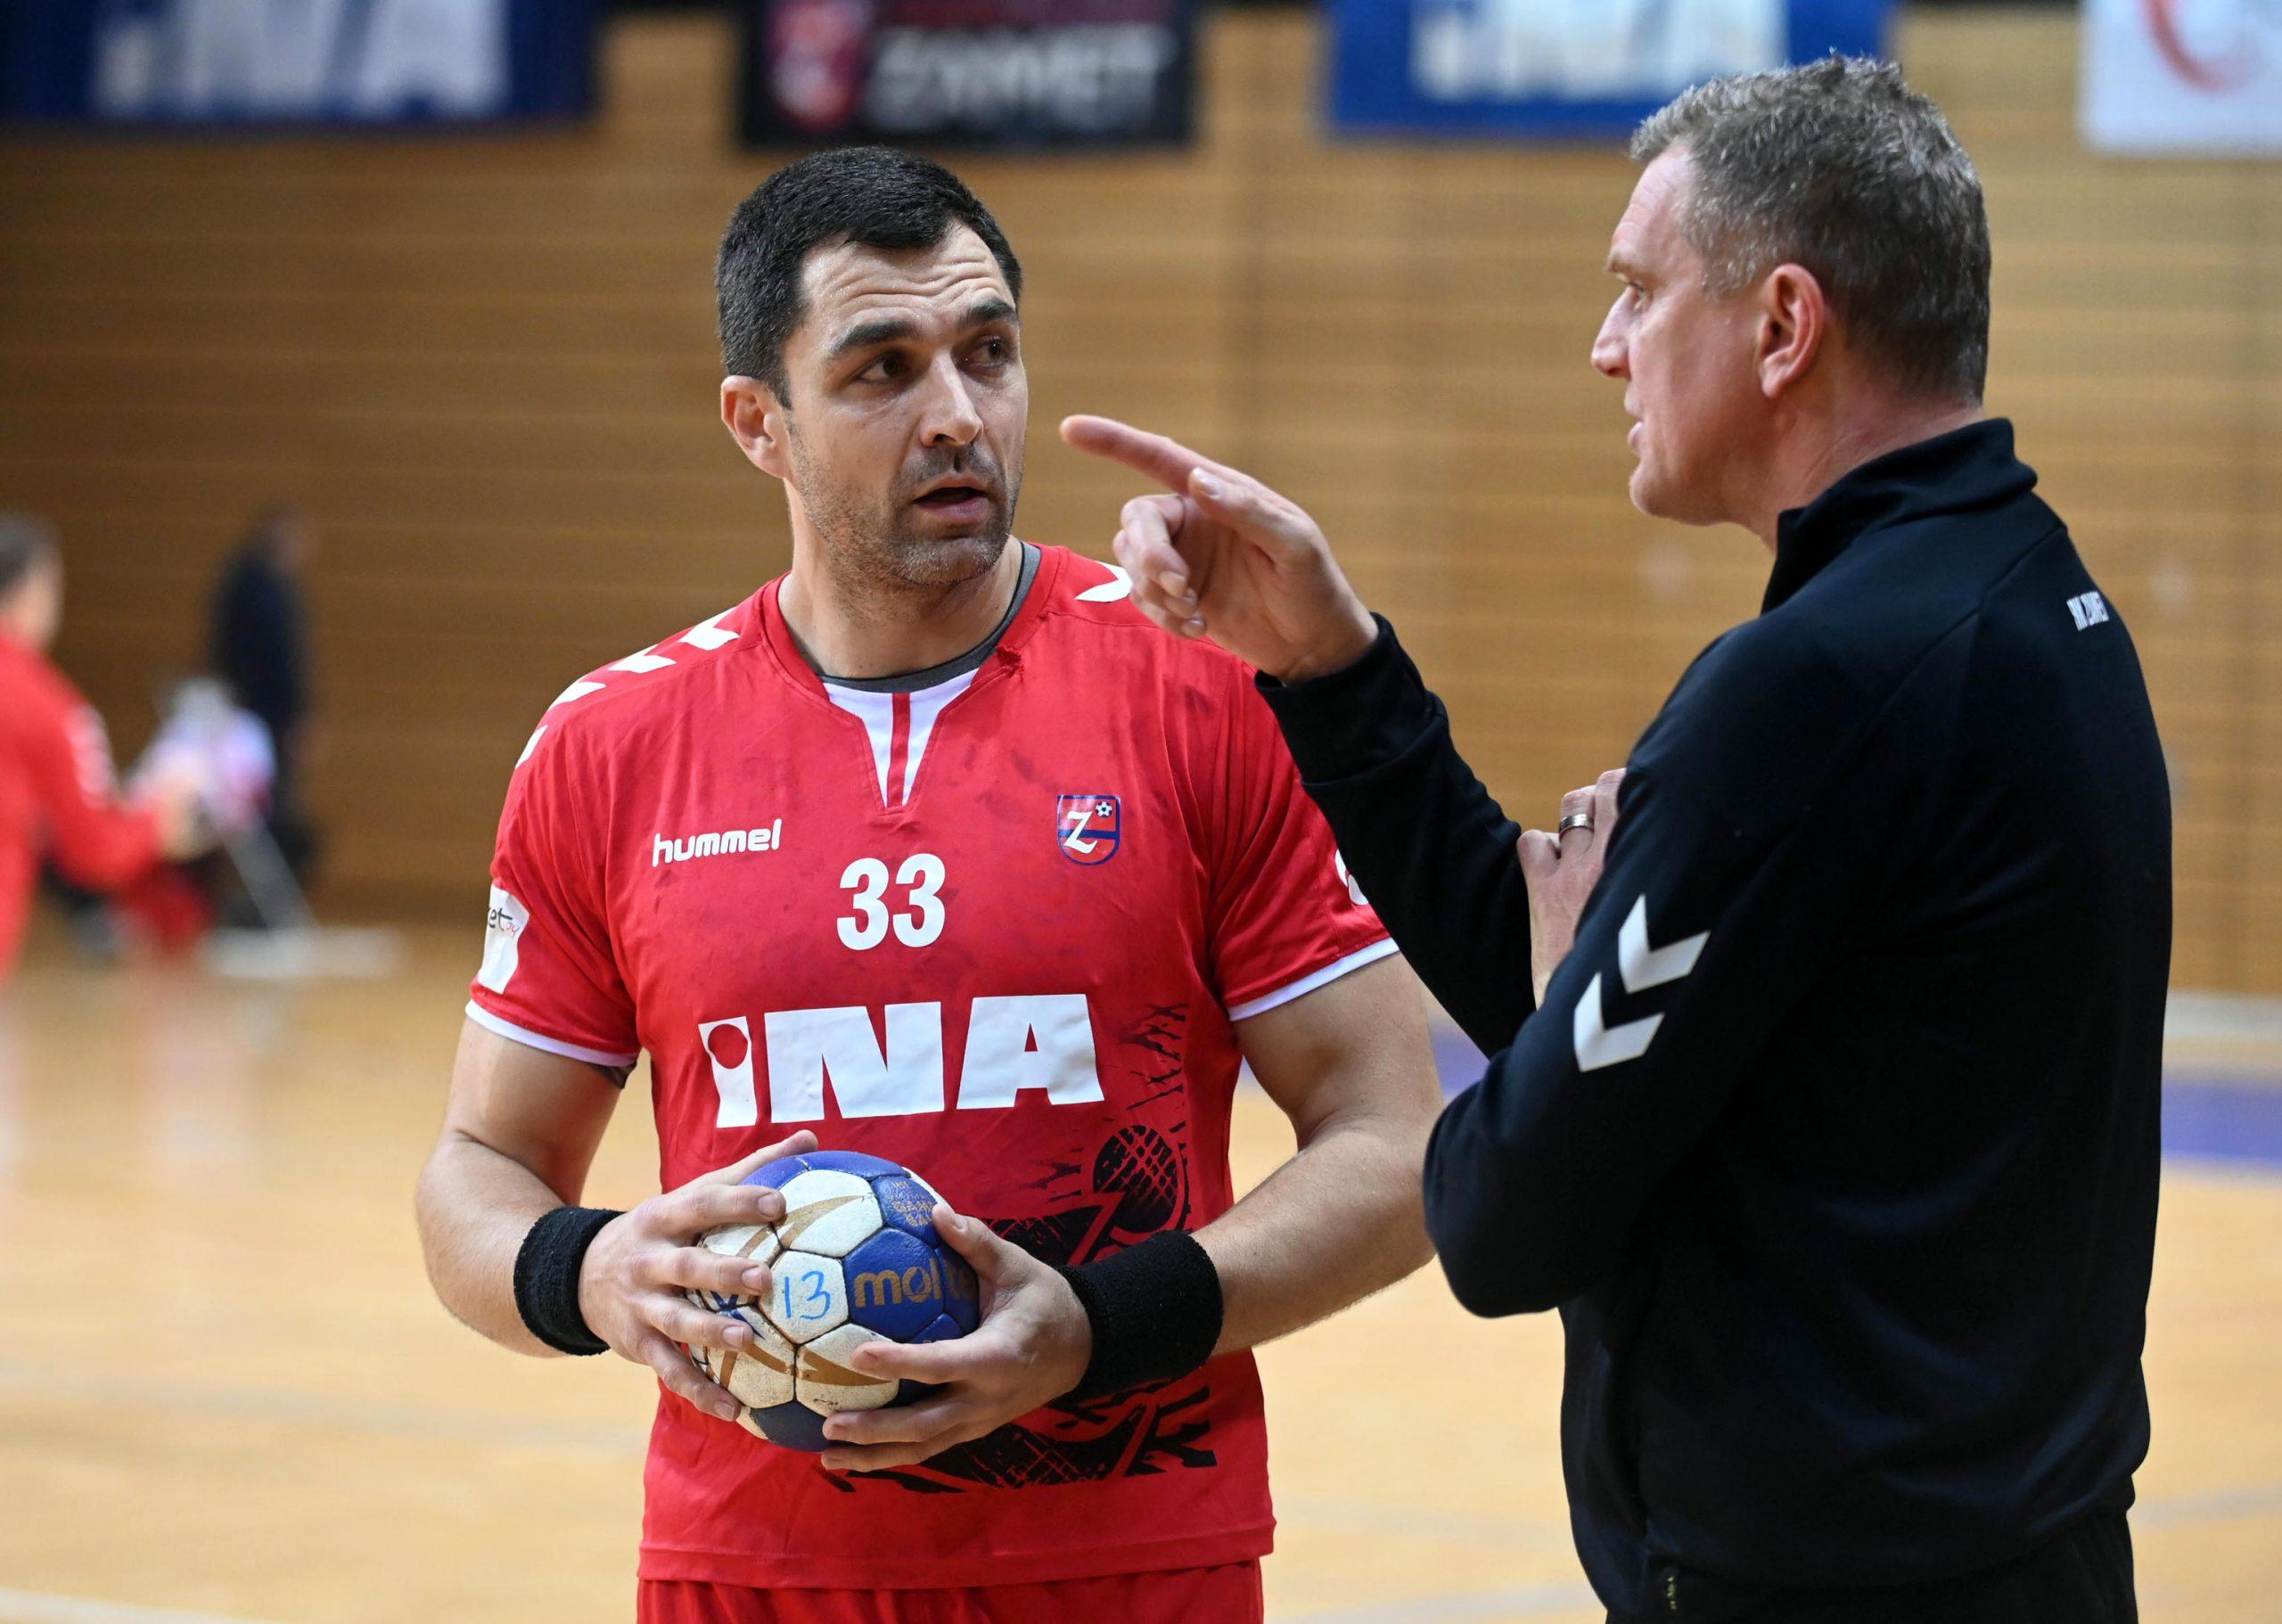 Zamećane je nakon Renata Sulića napustio i trener Valter Matošević/Foto Arhiva NL